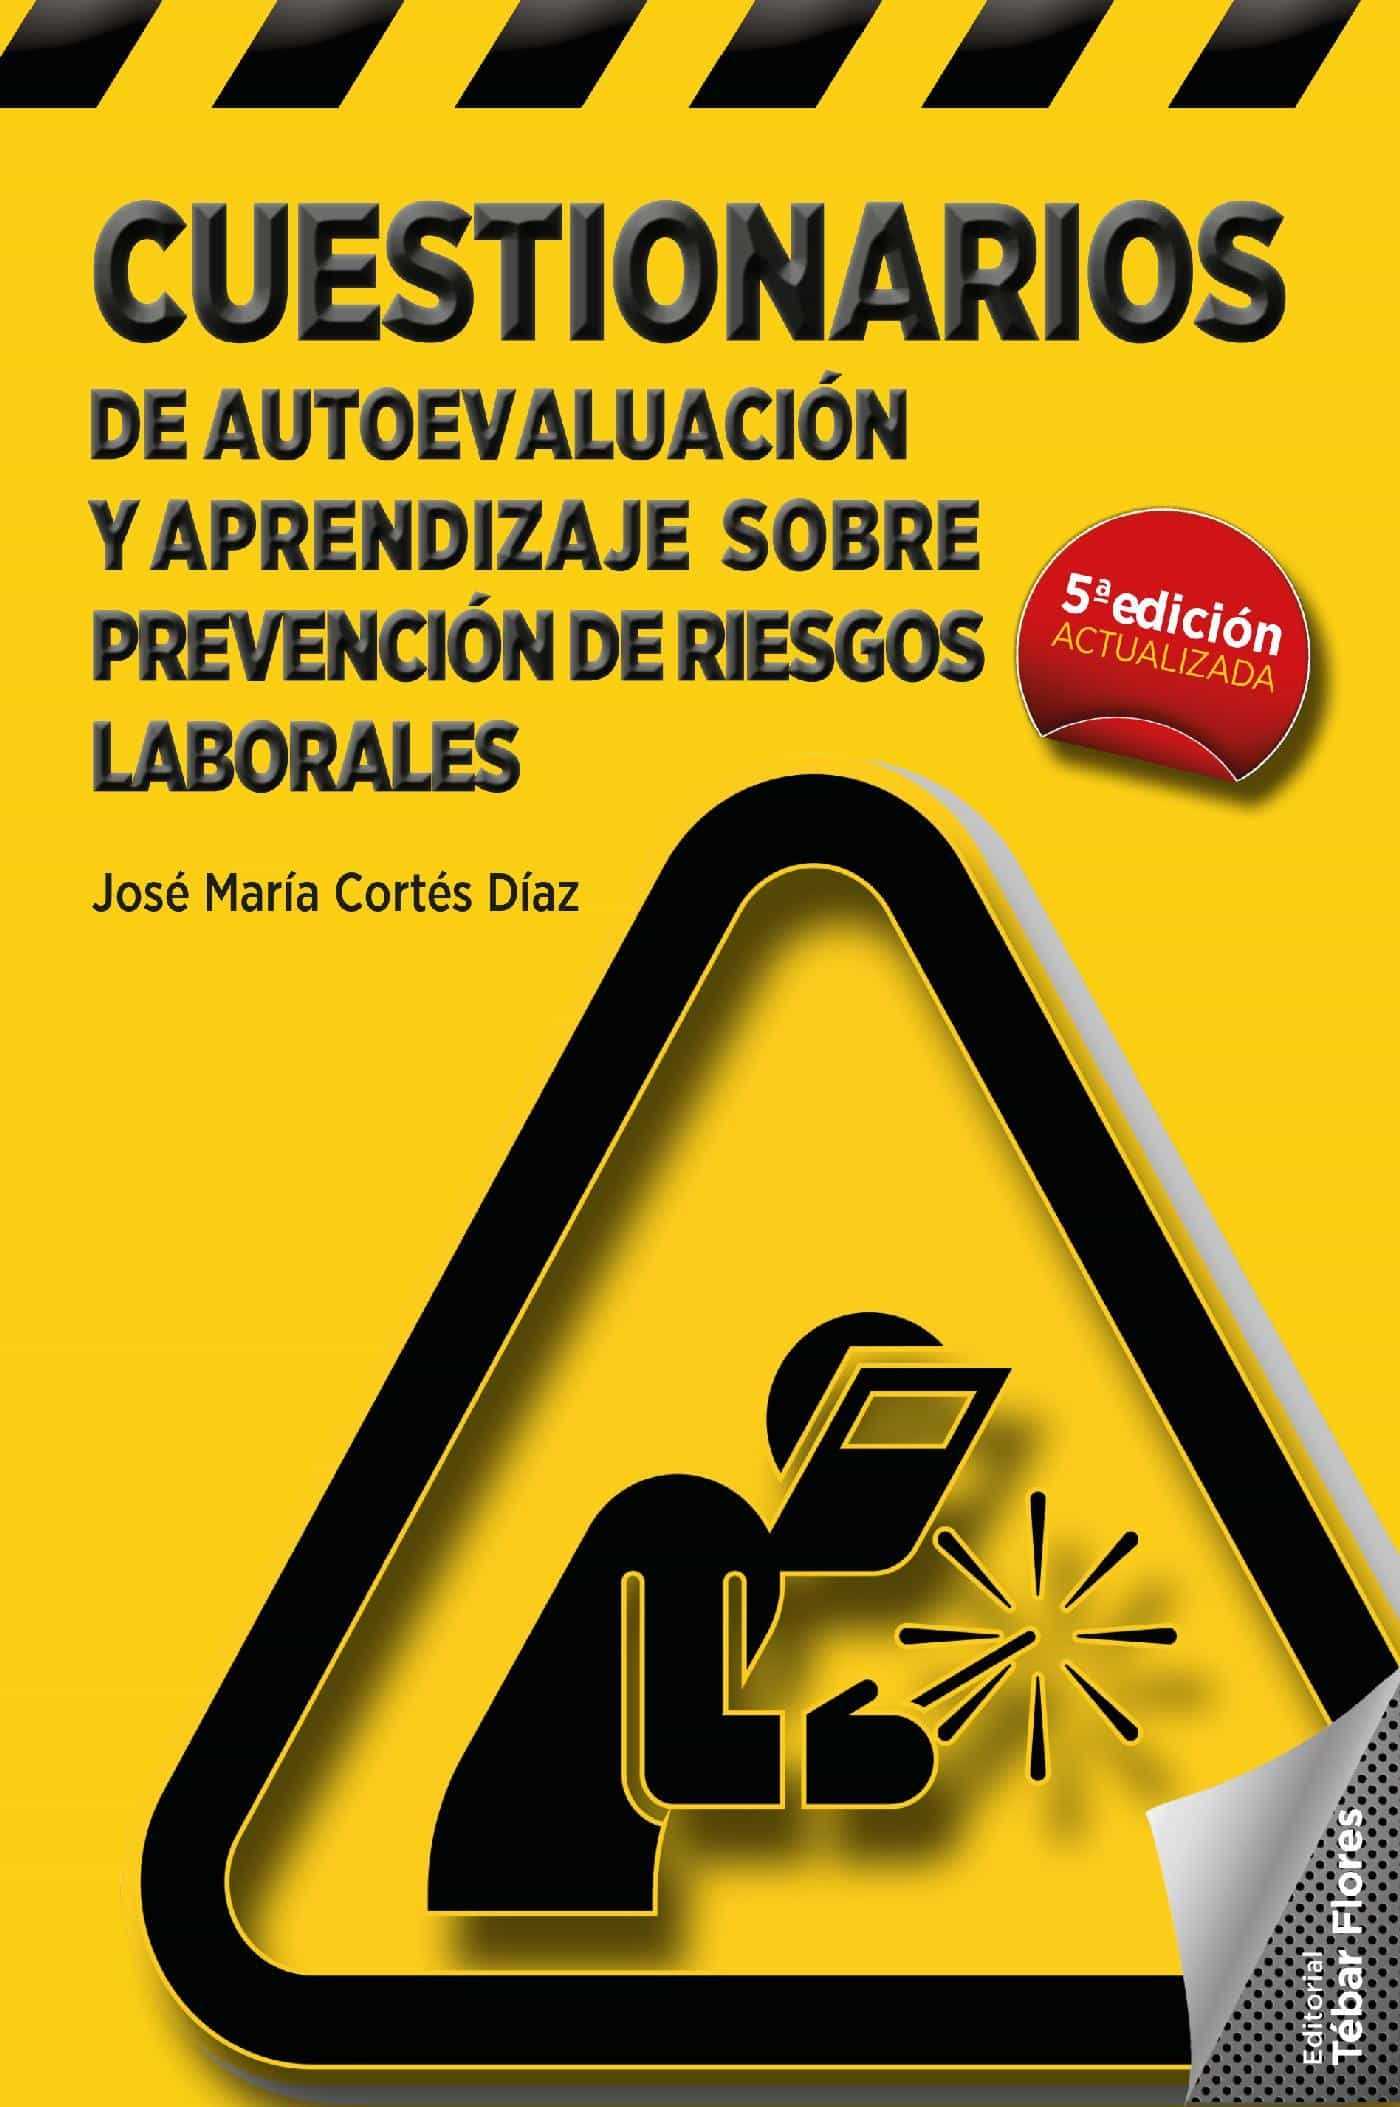 Cuestionarios De Autoevaluación Y Aprendizaje Sobre Prevención De Riesgos Laborales   por Cortes Diaz